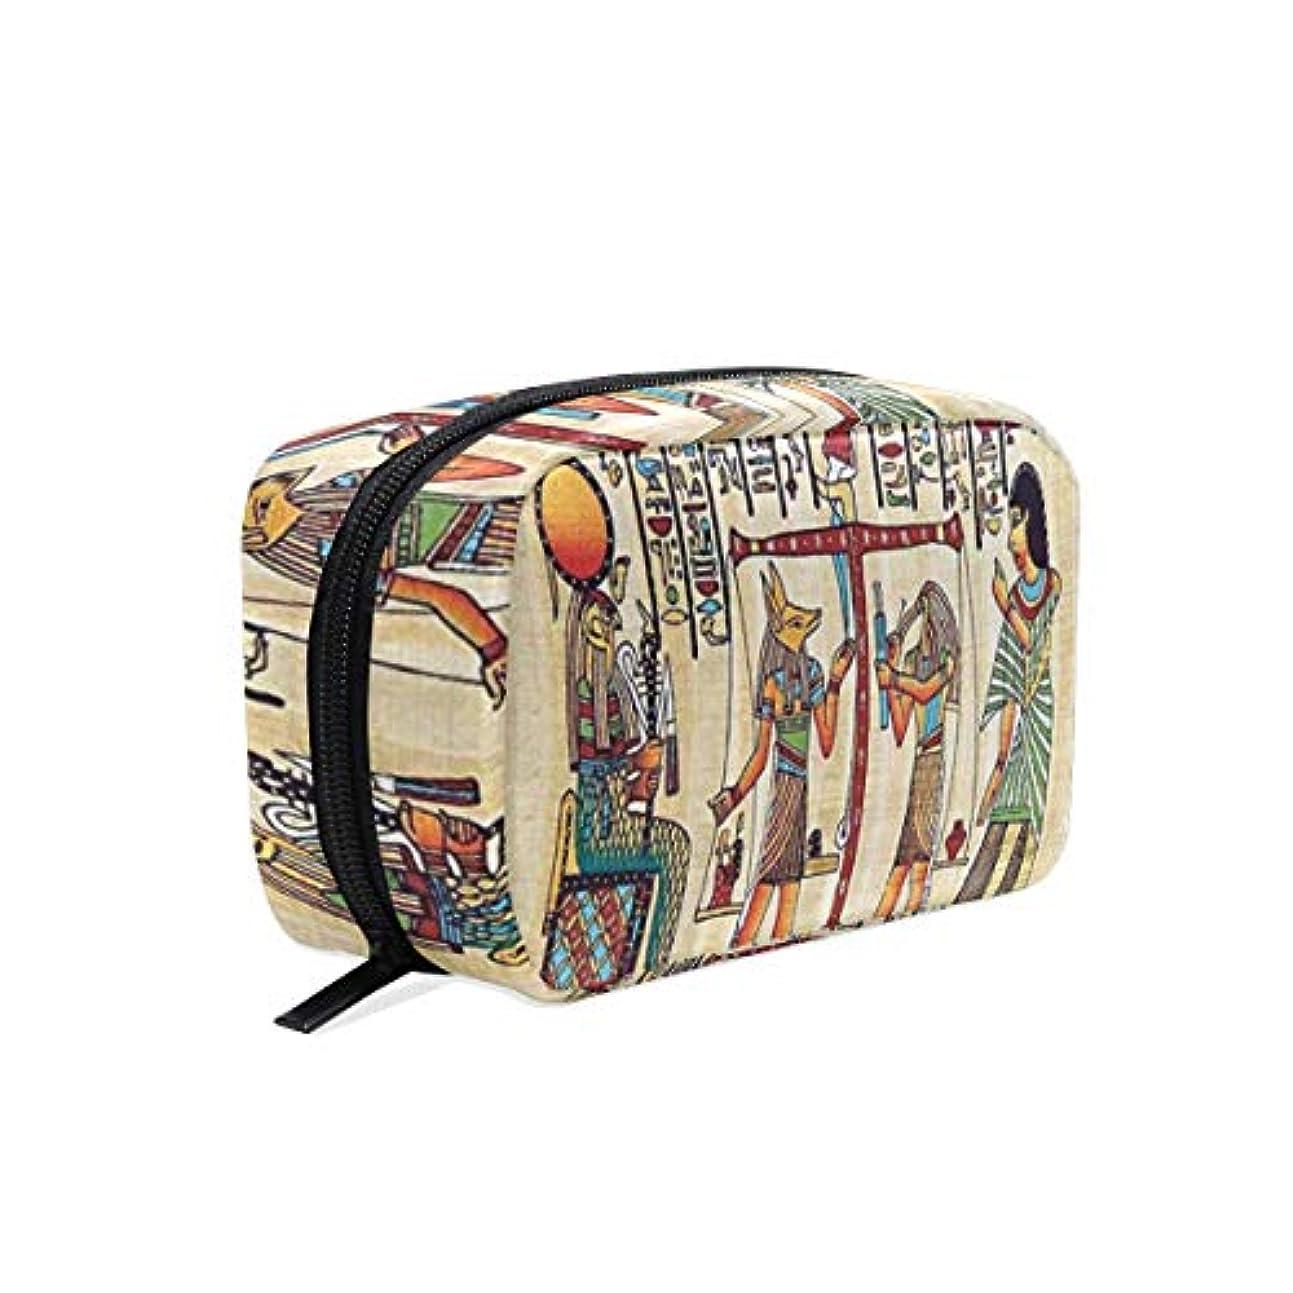 減少コードレス世代CW-Story エジプト装飾 女性の化粧ポーチ コスメケース 旅行 化粧品 収納 雑貨 小物入れ 出張用バック 超軽量 機能的 大容量